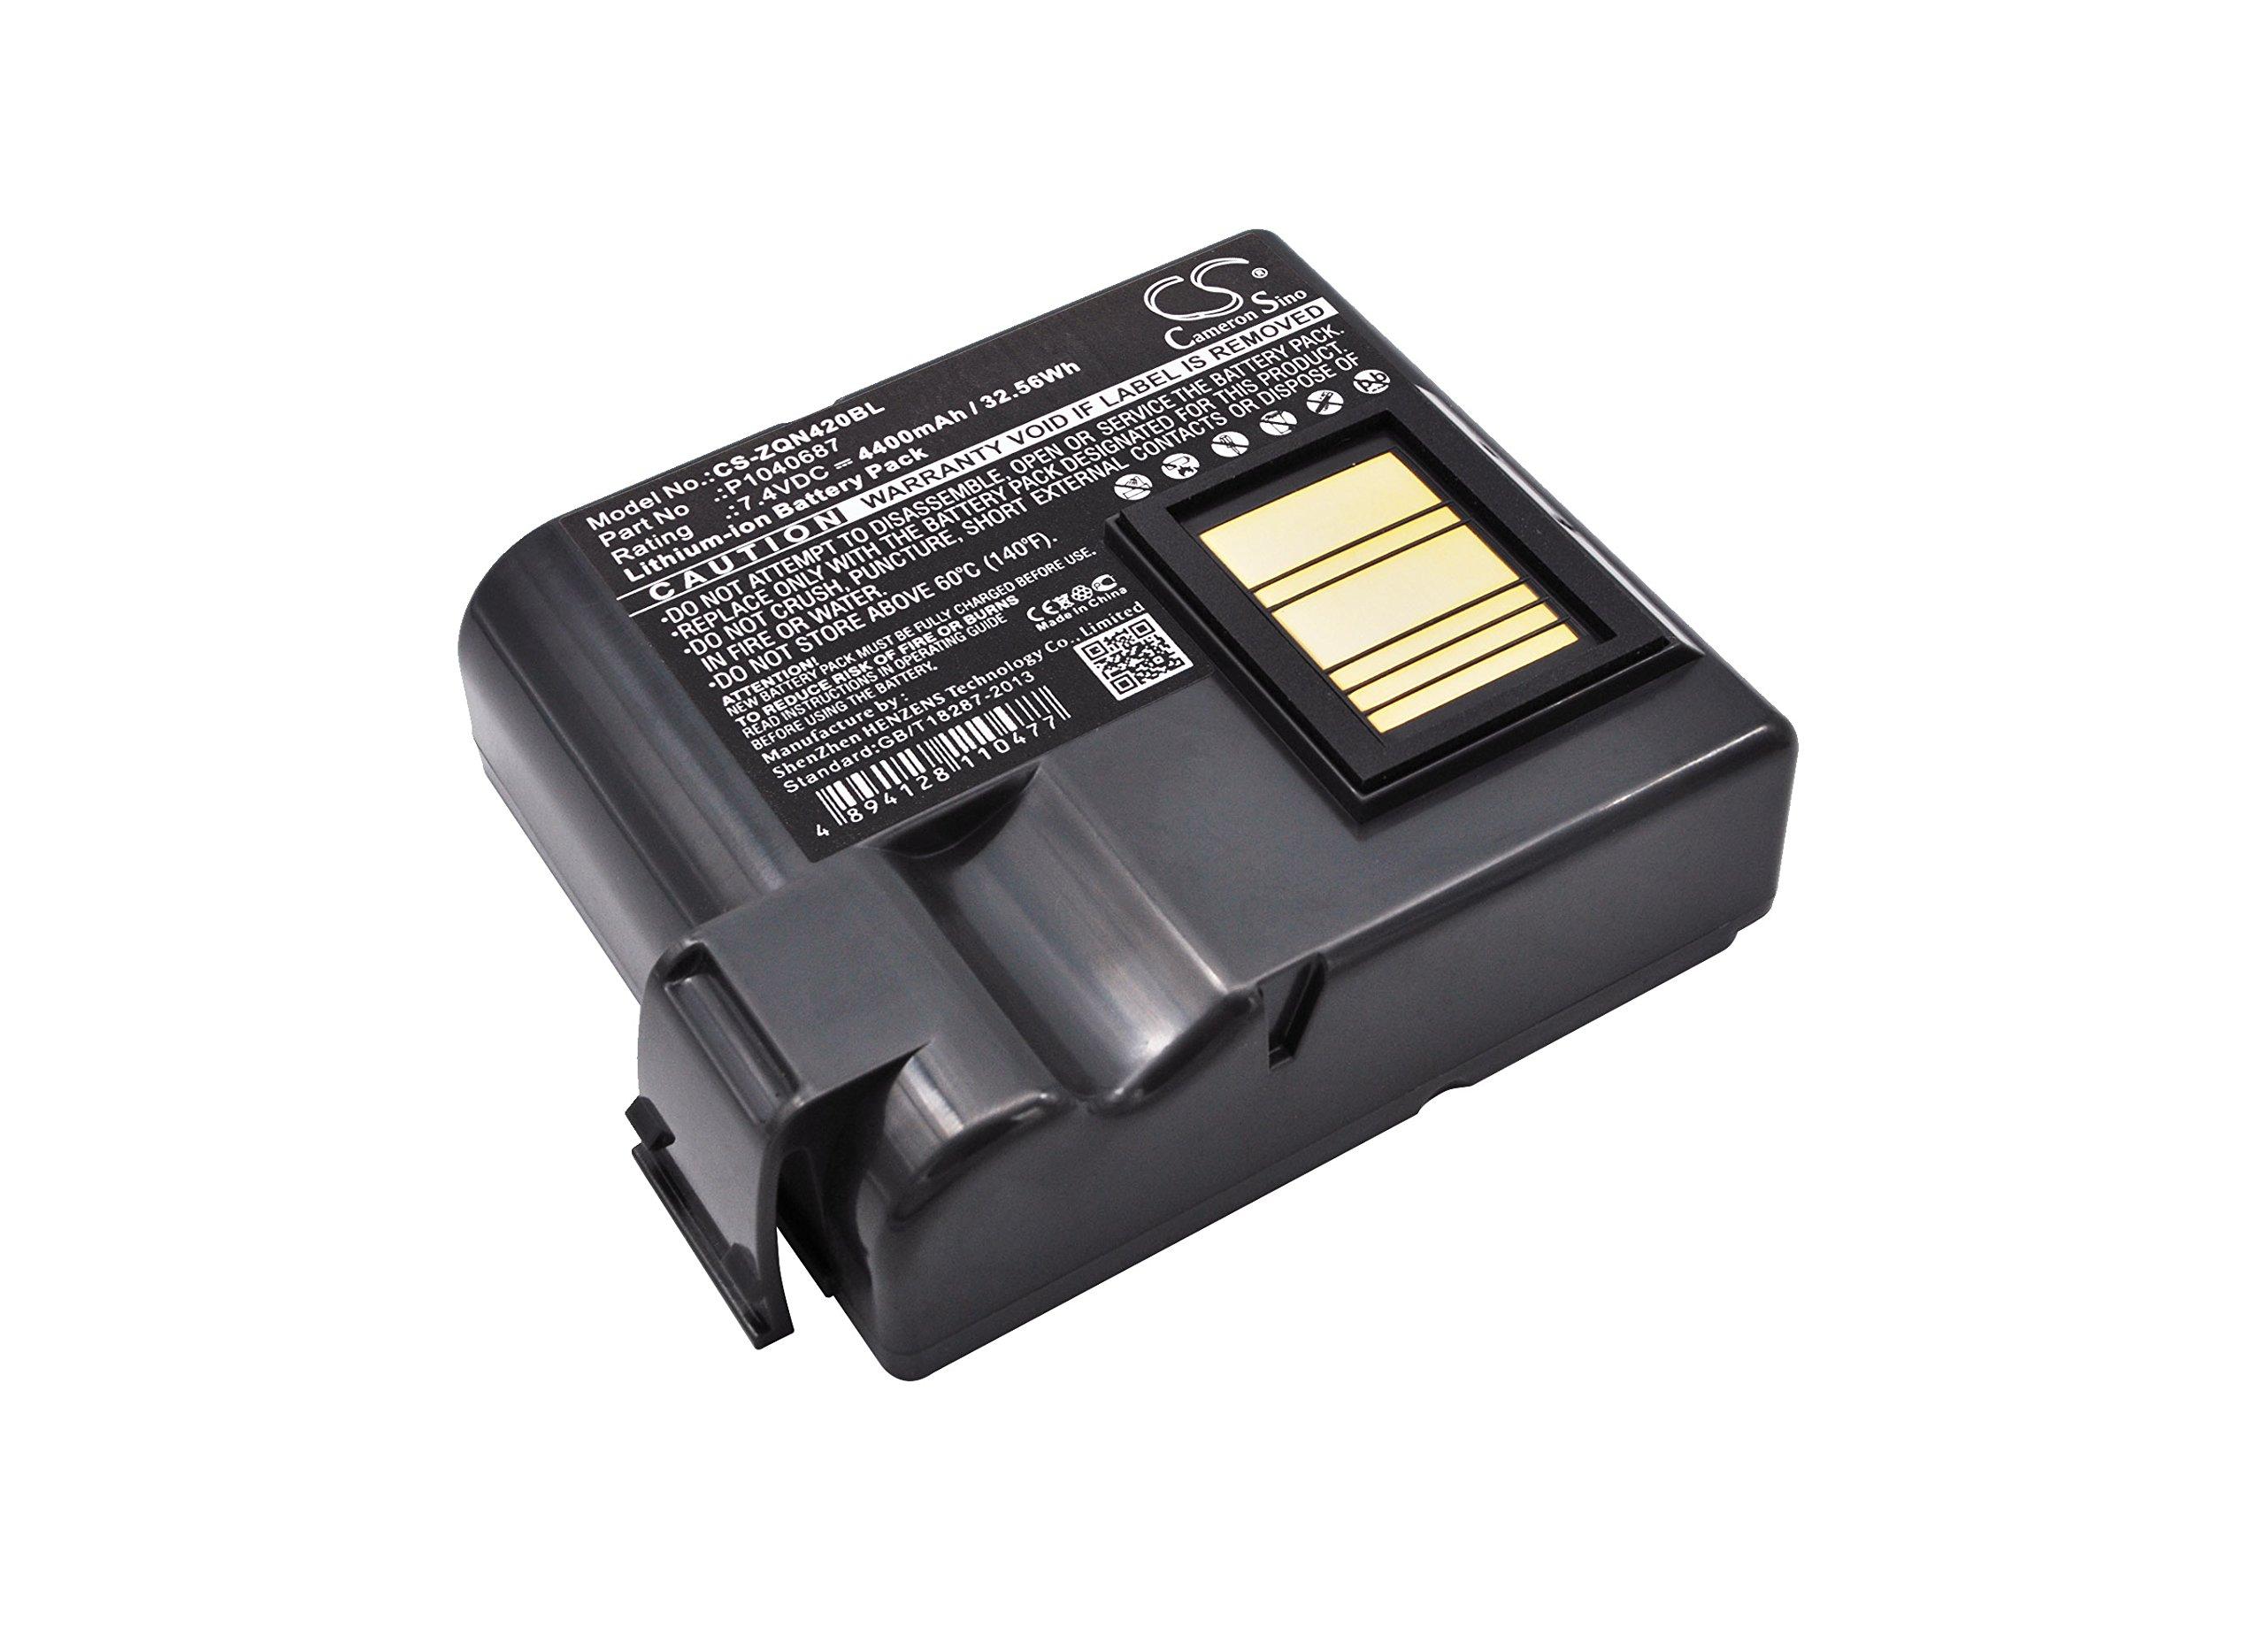 Bateria Para Zebra QLN420 ZQ630 P N BTRY-MPP-68MA1-01 P10406